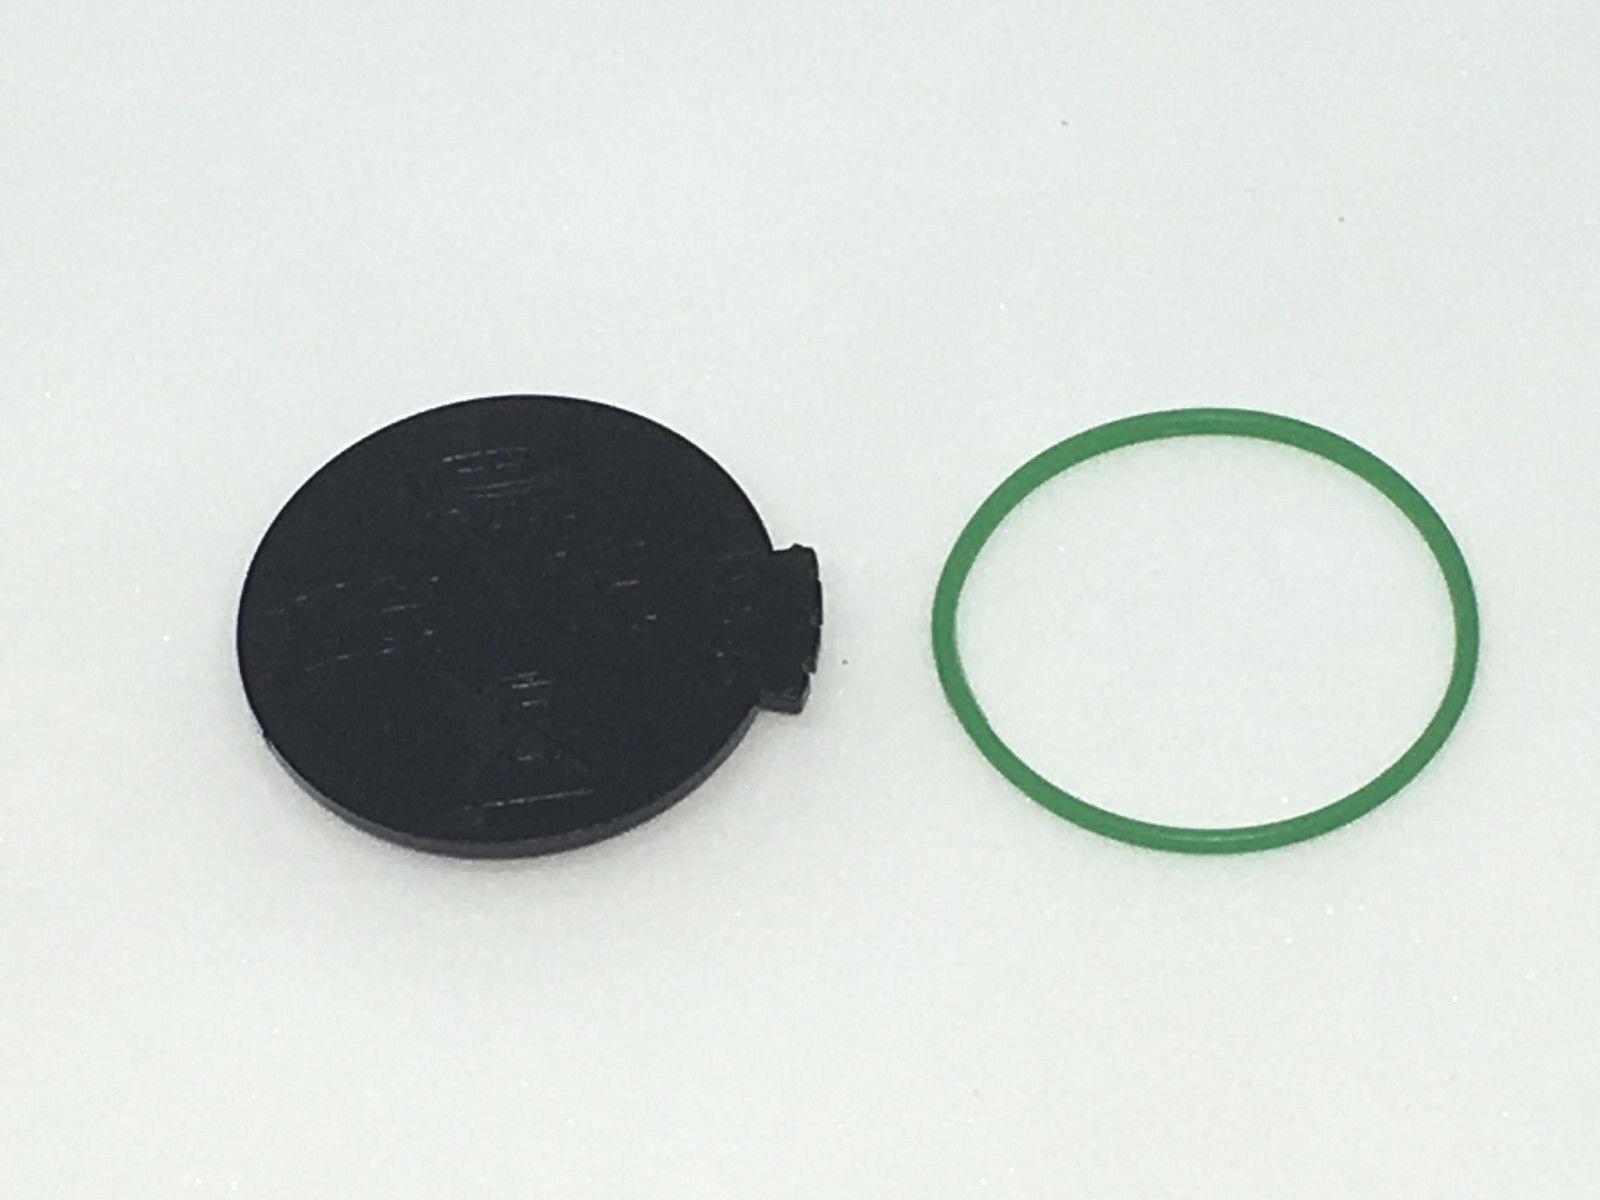 Stades de G1 génération 1 mesureur de de de puissance Batterie Porte et O-Ring Shimano SRAM fsa NEUF 1ad225